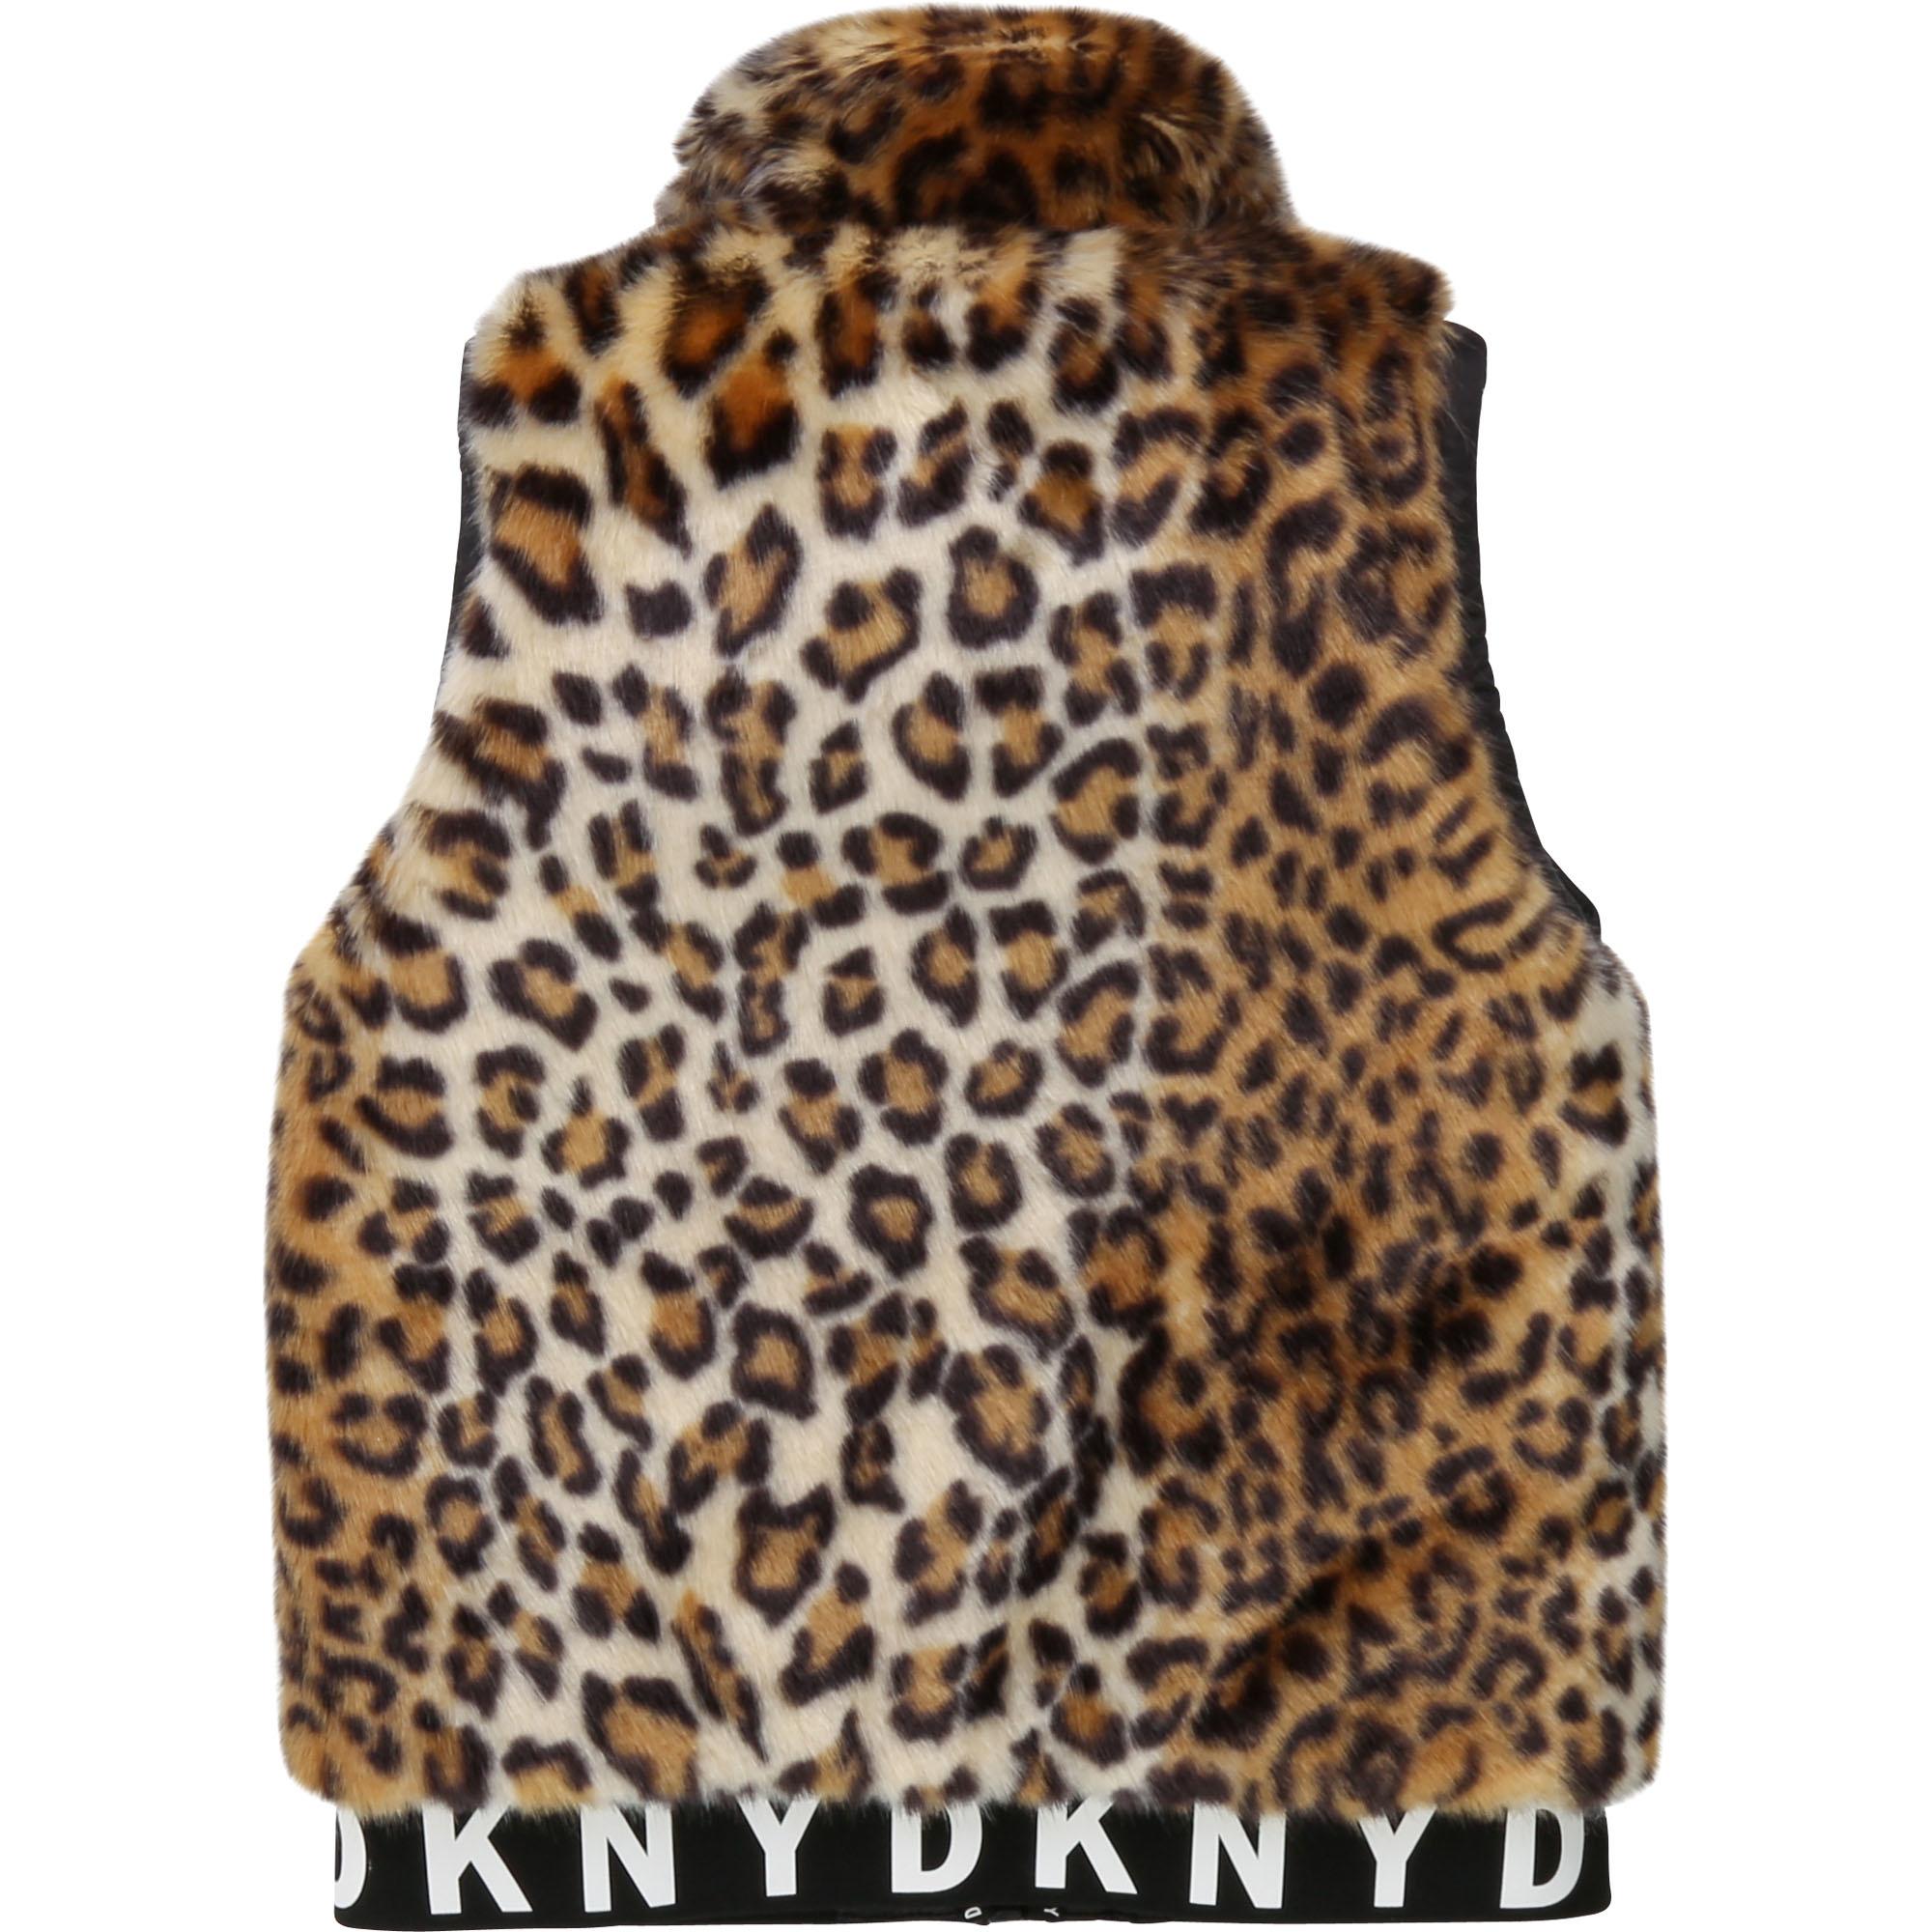 DKNY doudoune sans manche-2